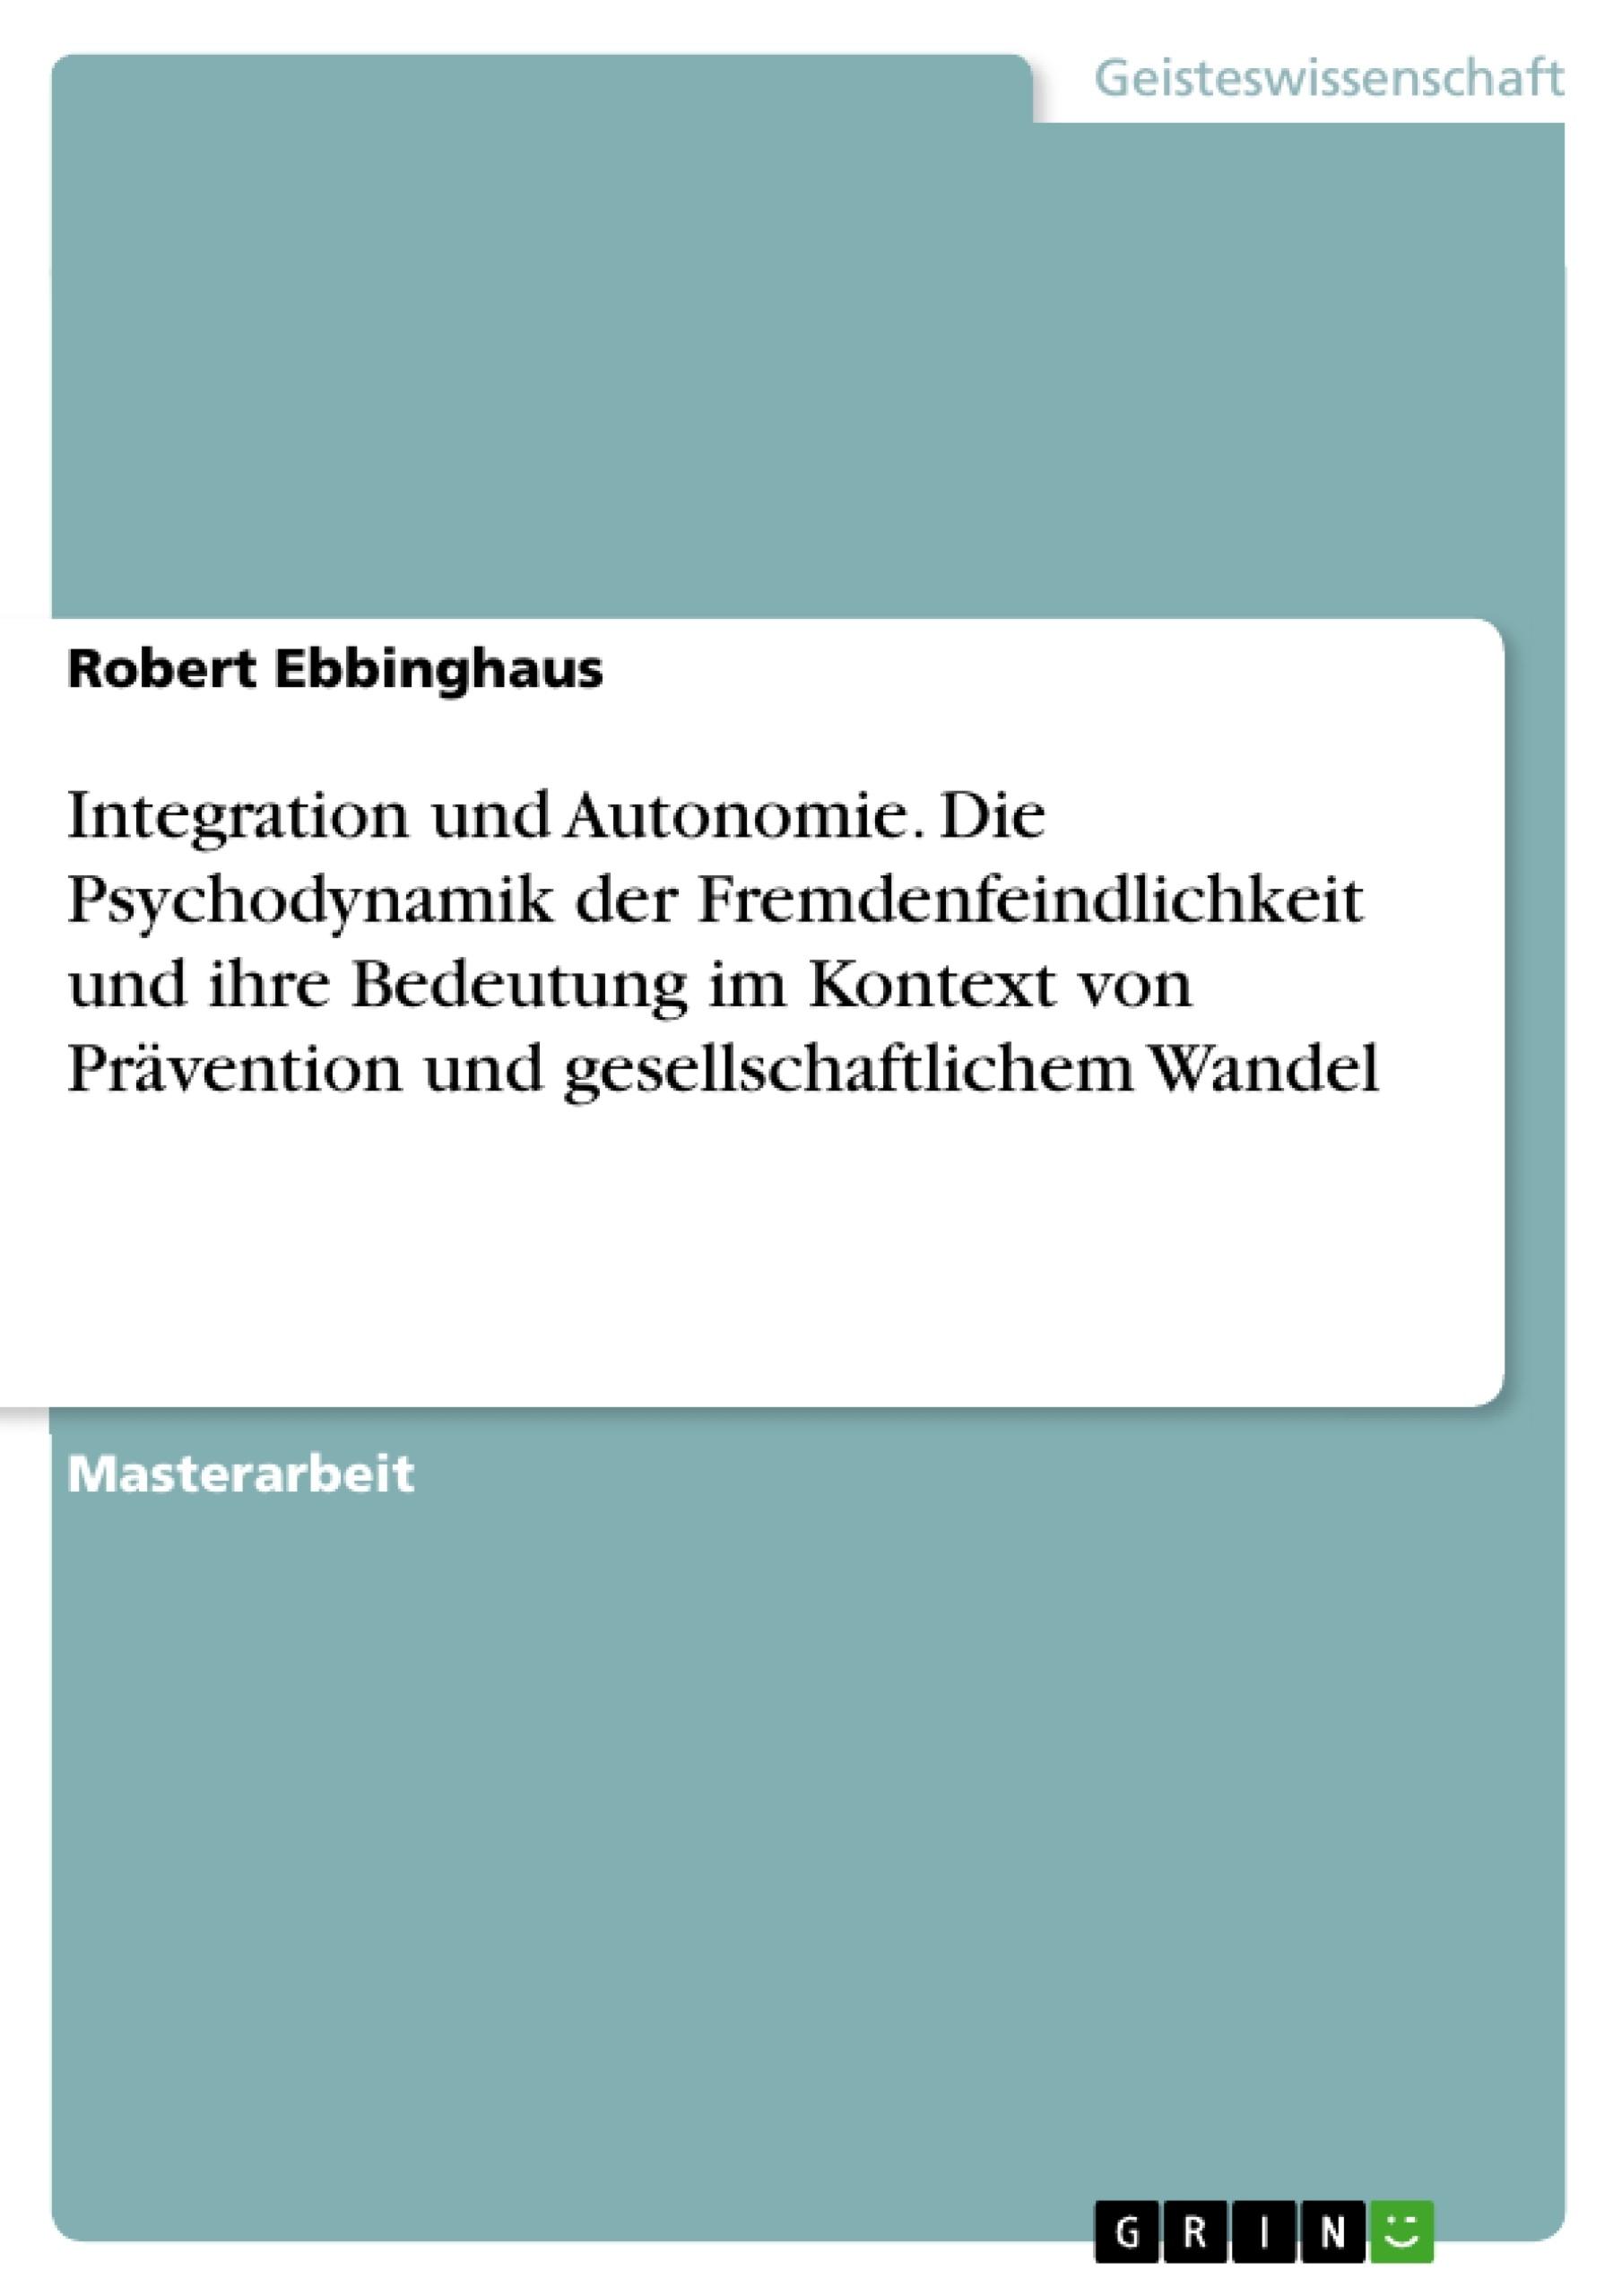 Titel: Integration und Autonomie. Die Psychodynamik der Fremdenfeindlichkeit und ihre Bedeutung im Kontext von Prävention und gesellschaftlichem Wandel